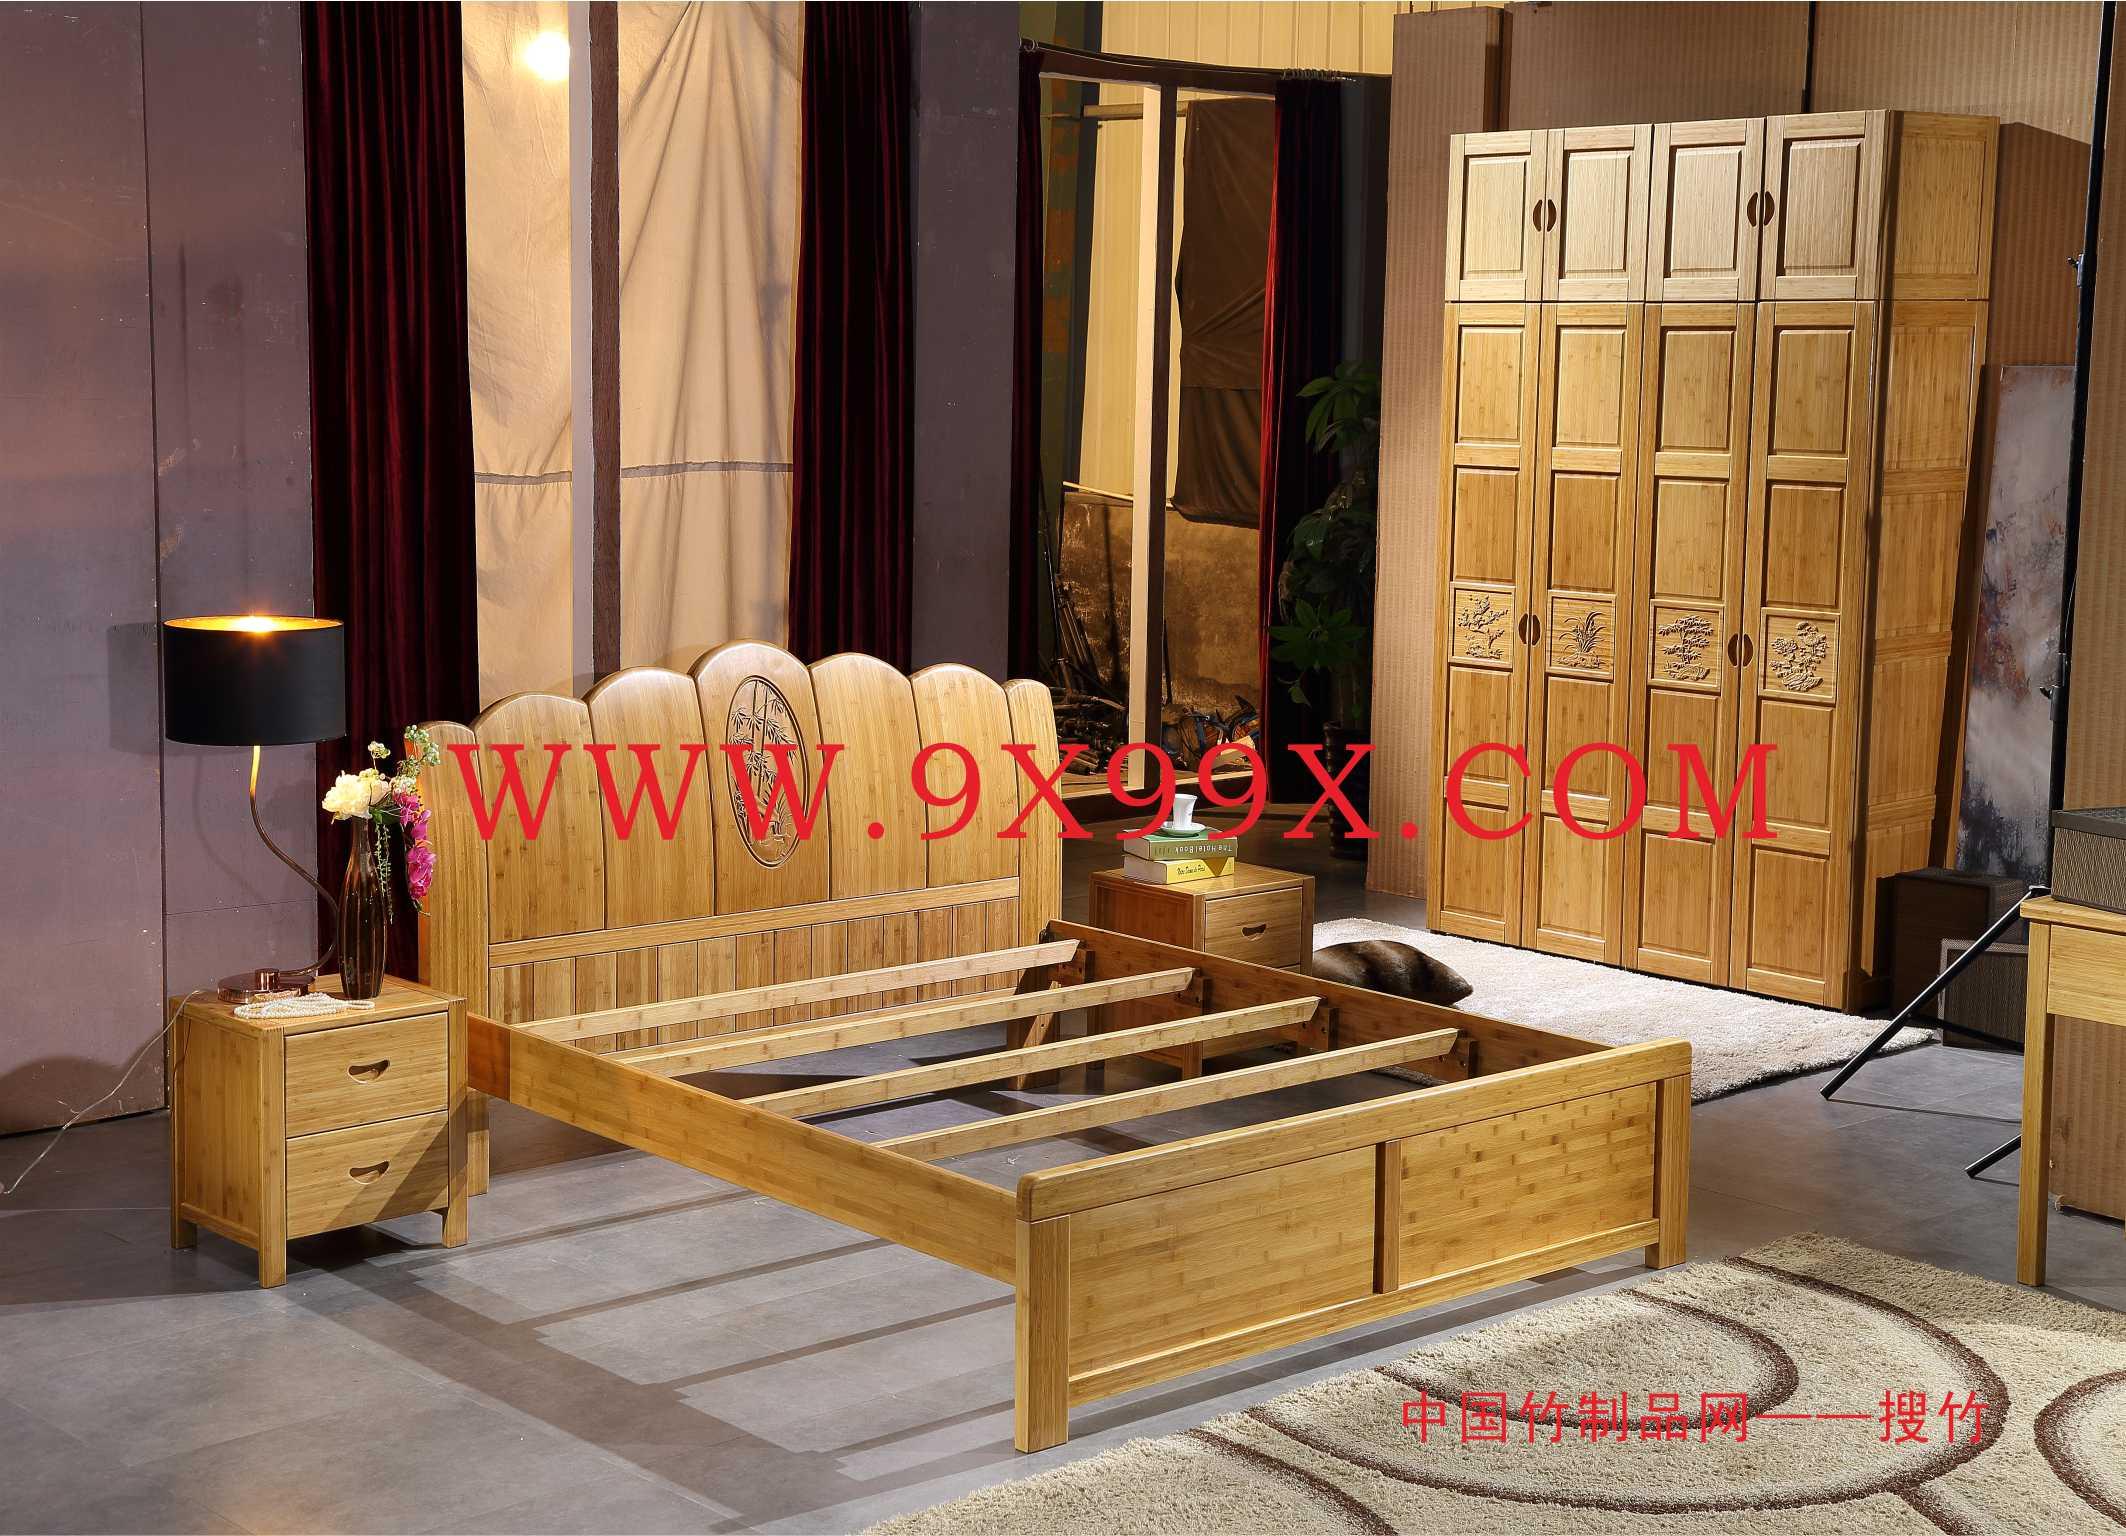 竹床折單人雙人午休午睡實竹板式家用簡易竹子床